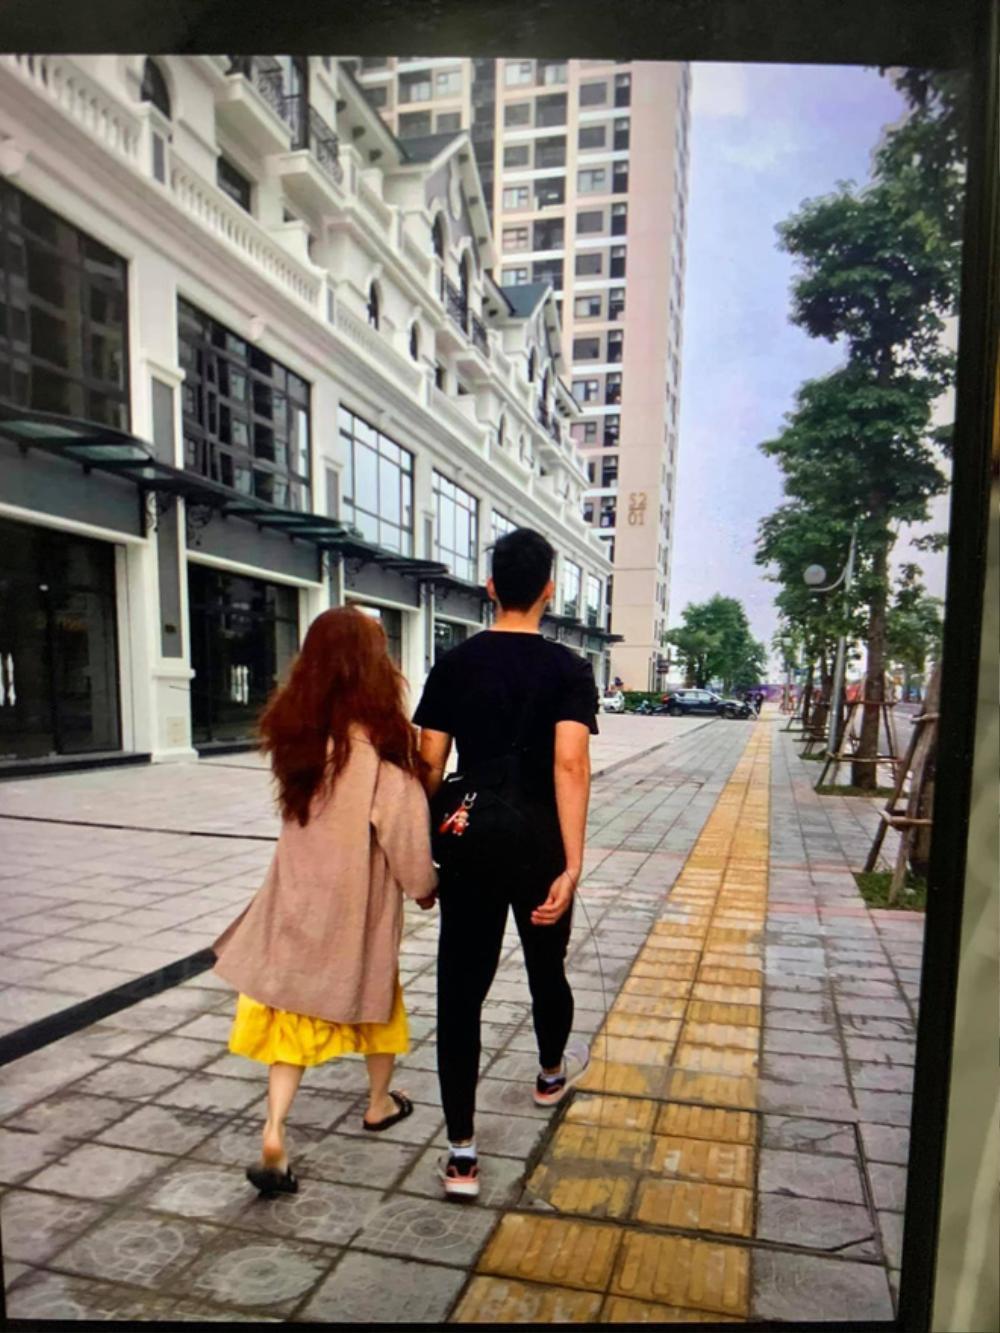 Cô gái 'tố' Huỳnh Anh là 'người thứ 3' gây bất ngờ khi tiết lộ xóa bài 'bóc phốt' vì lý do này Ảnh 4